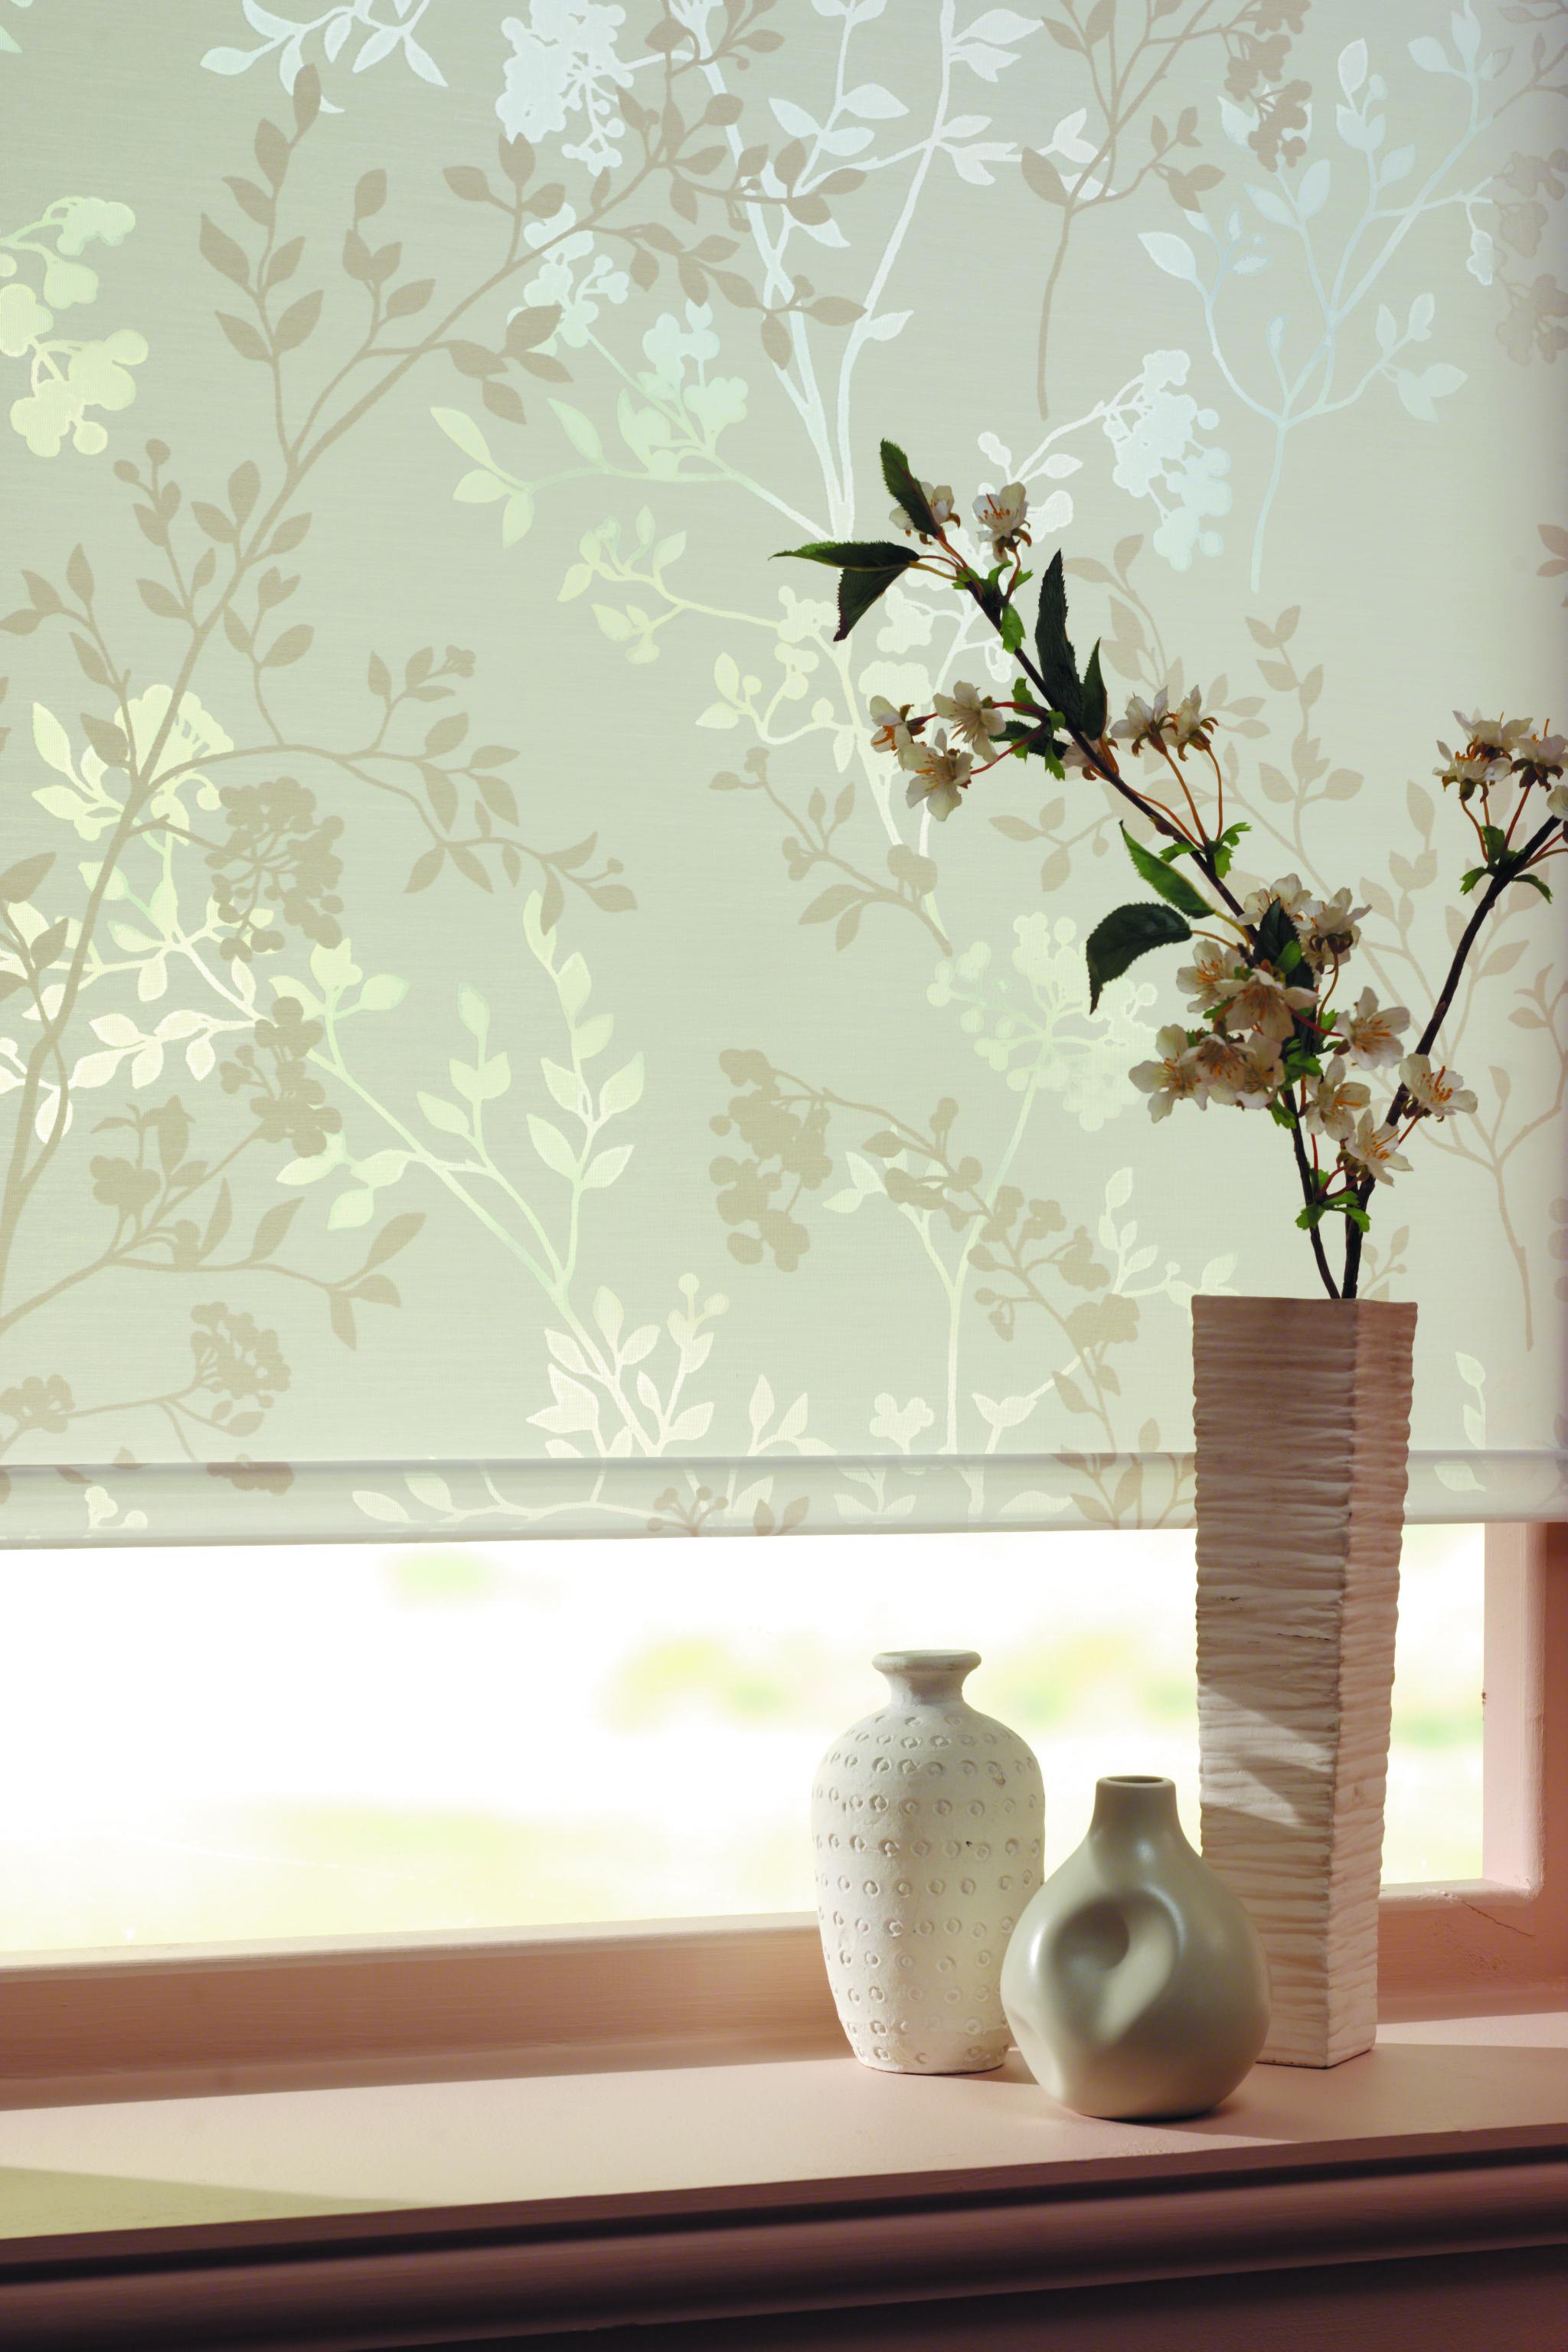 LL_Roller_Blossom_Spring_C1.jpg